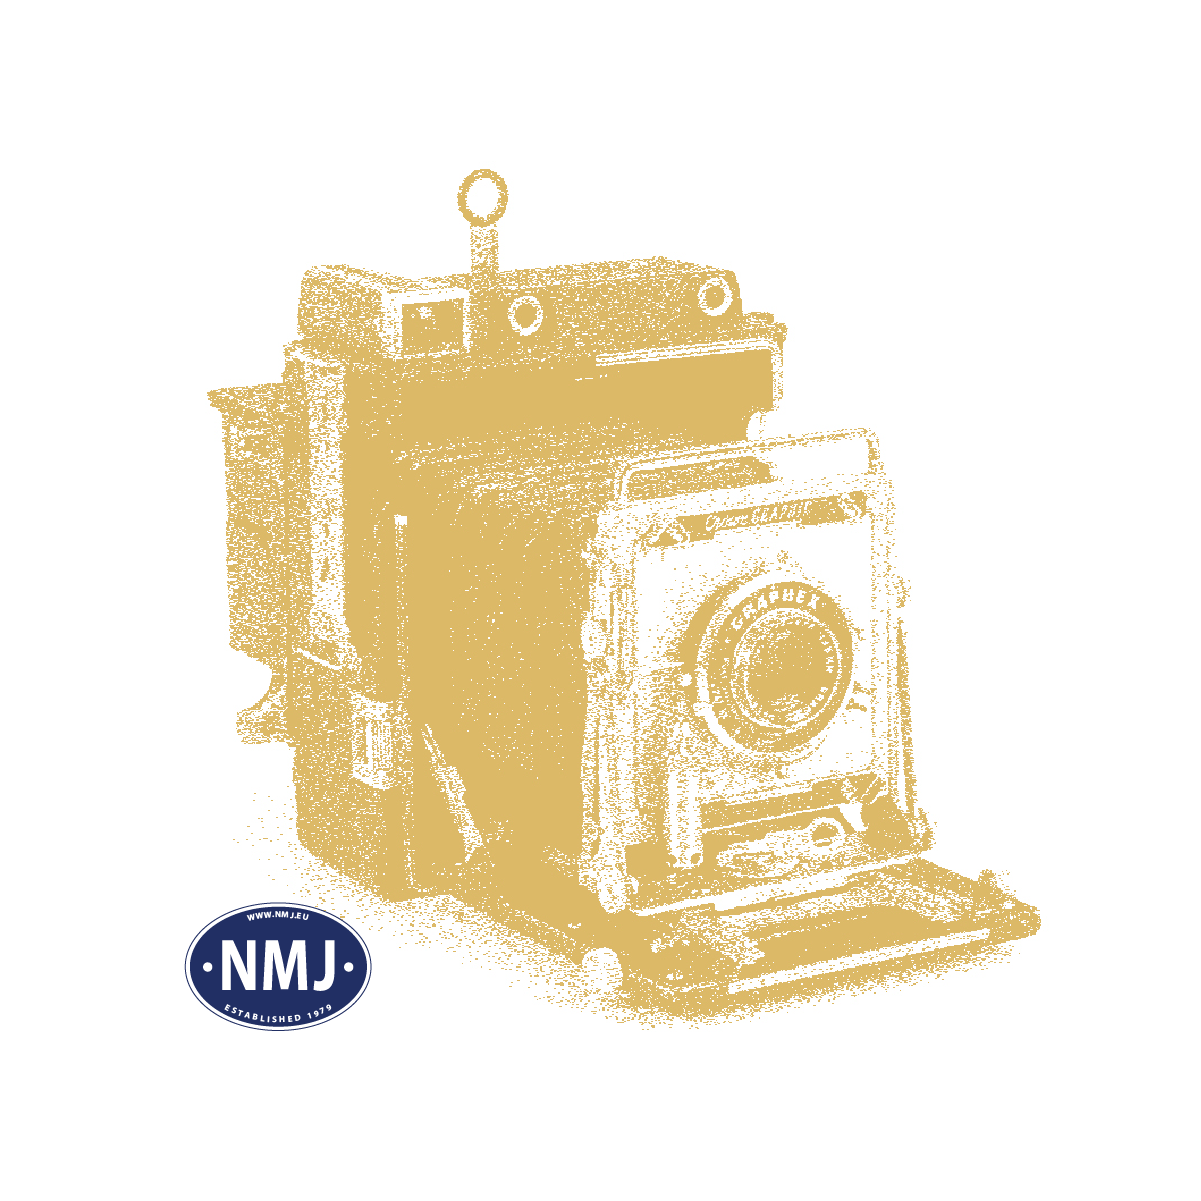 ROC51308 - Deluxe Digitalt Startsett z21, Damplokomotiv med Lyd, 3 Vogner, WiFi og Trådløs Håndkontroll